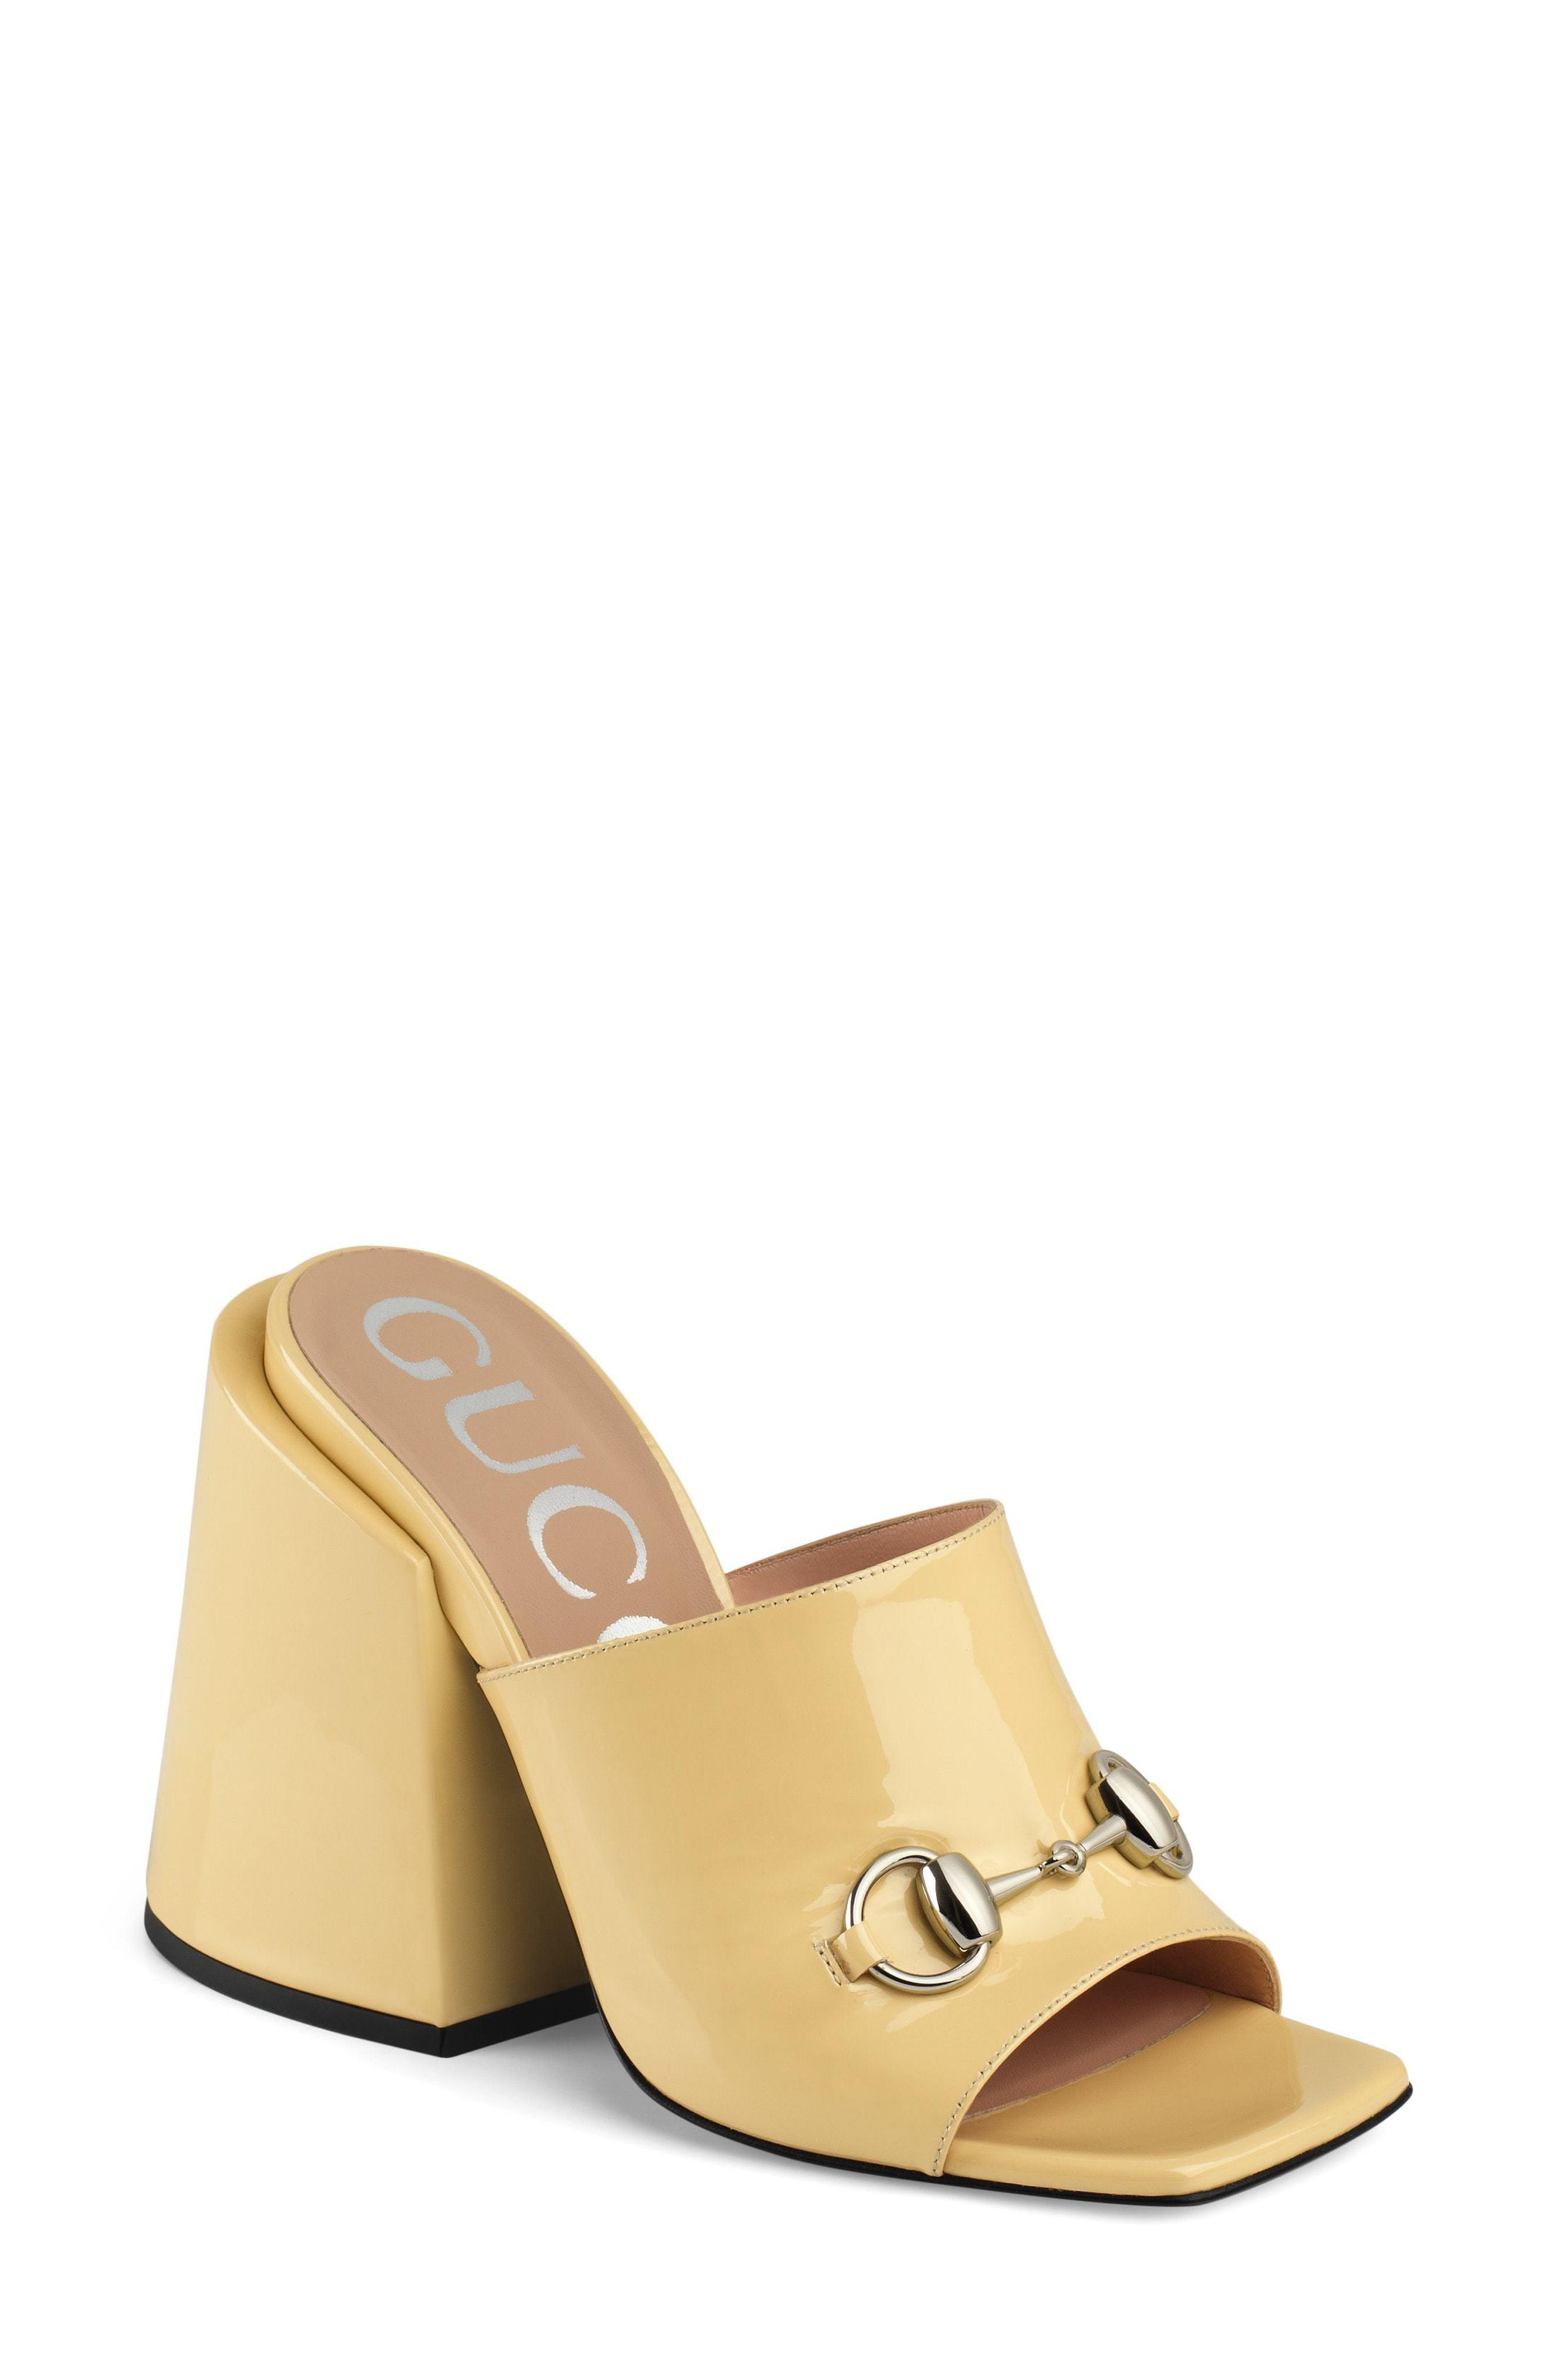 6b9b1c55e15 ... Gucci Lexi Slide Sandal